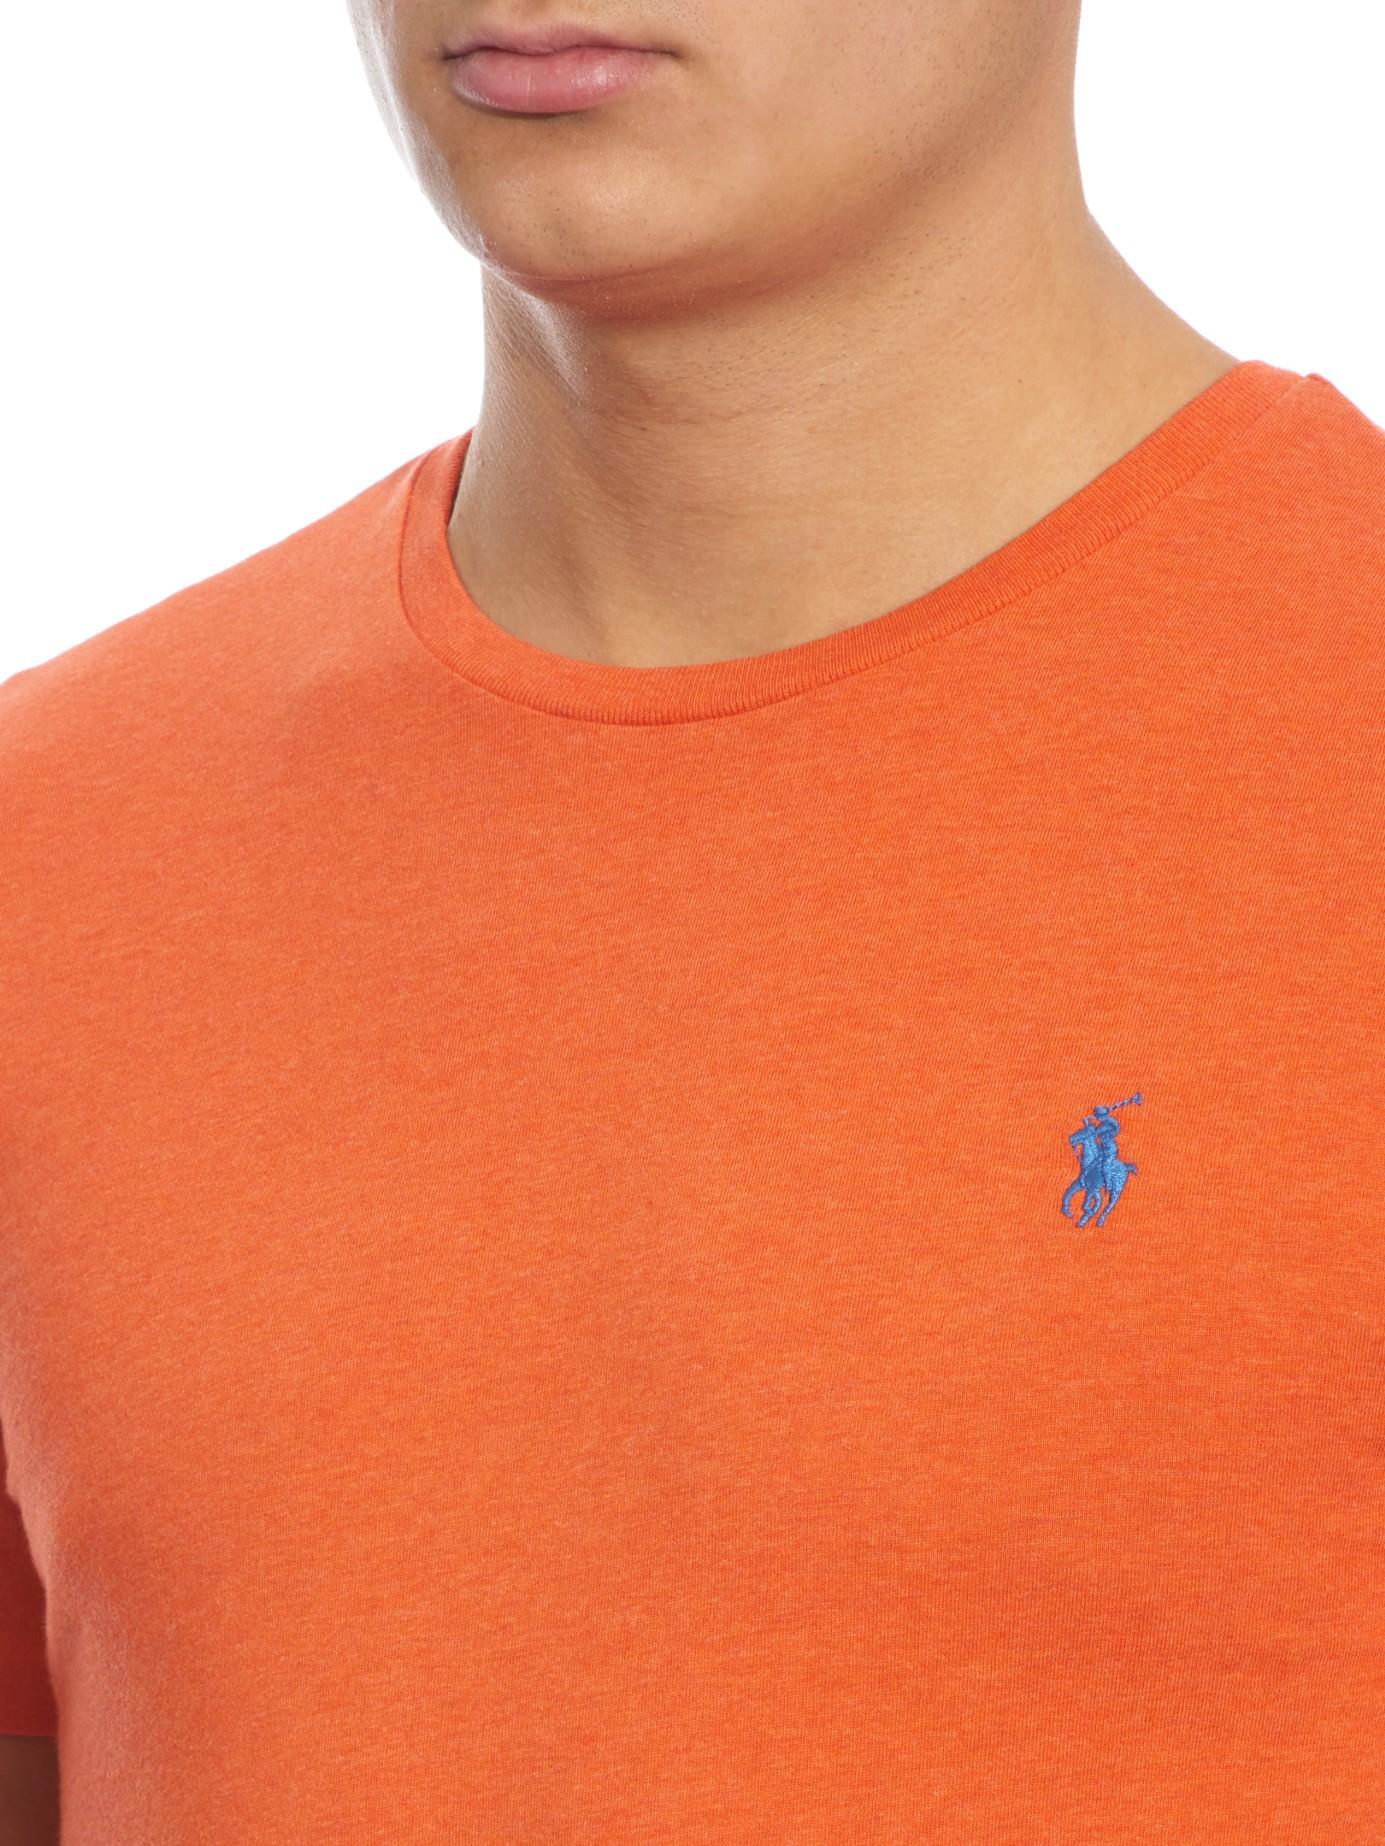 Polo Ralph Lauren Crew Neck T Shirt In Orange For Men Lyst